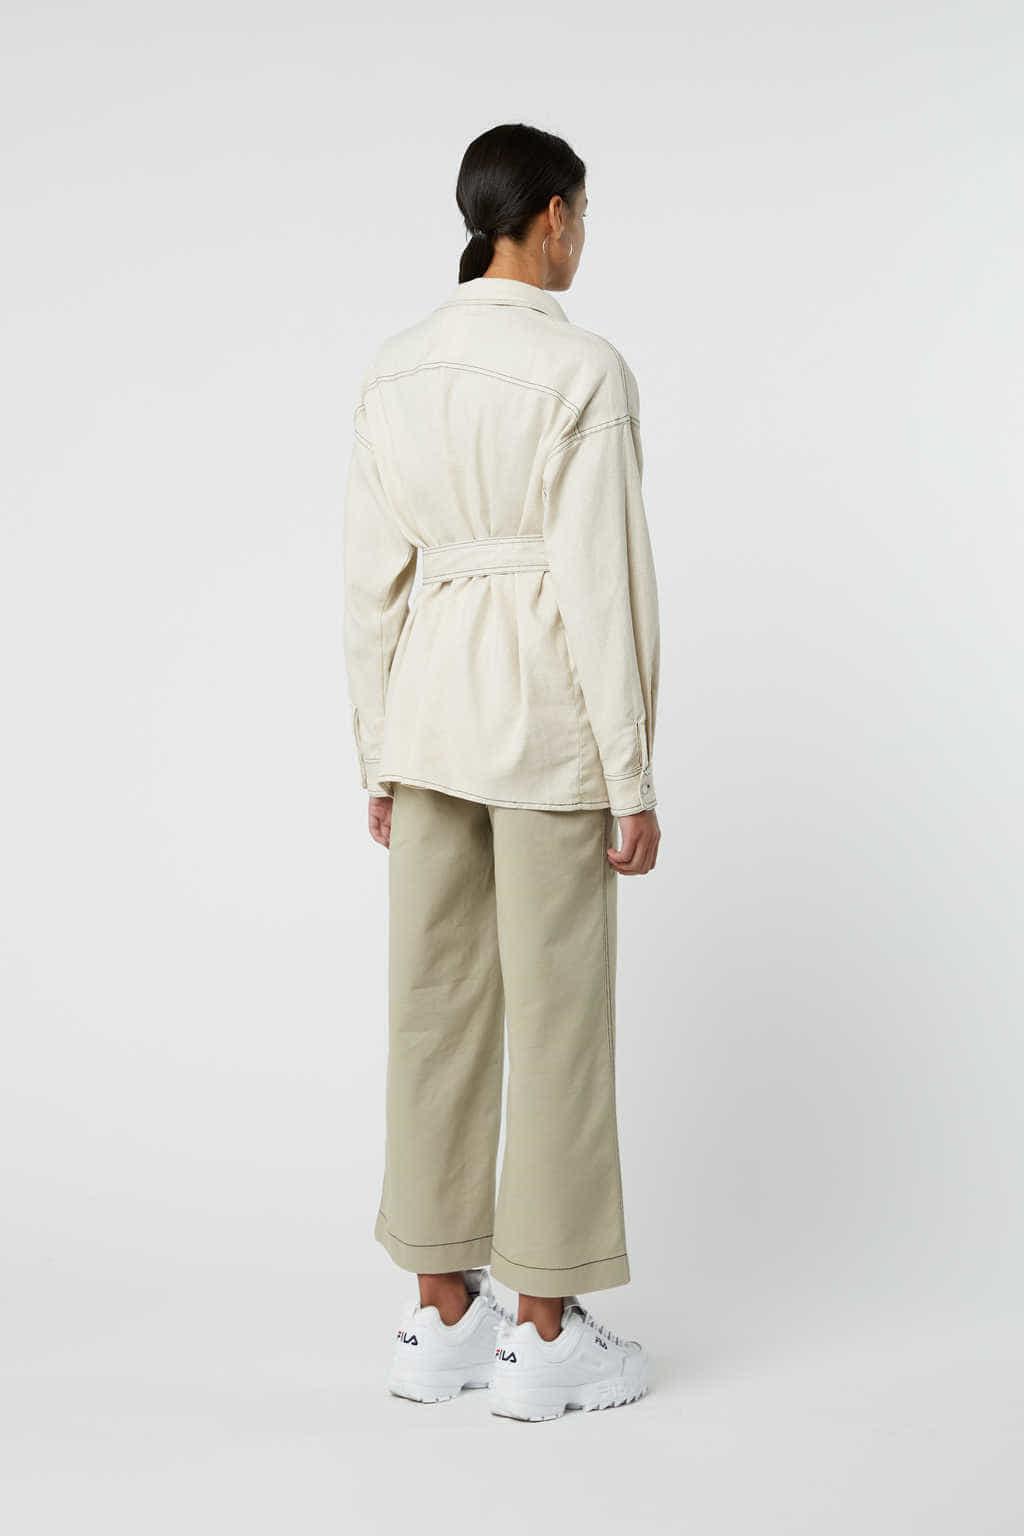 Jacket J001 White 4